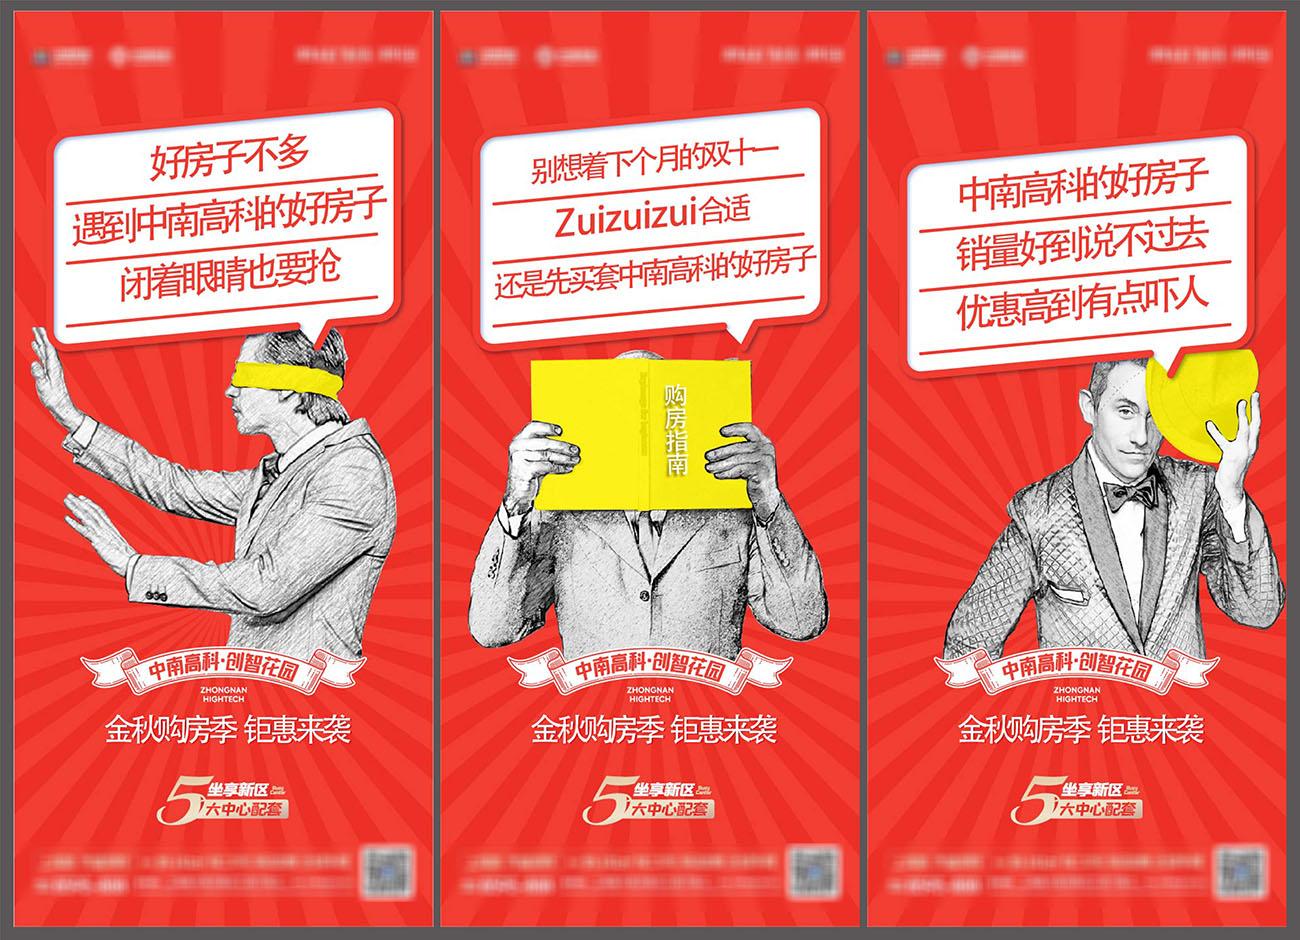 地产金秋购房节活动系列海报AI源文件插图